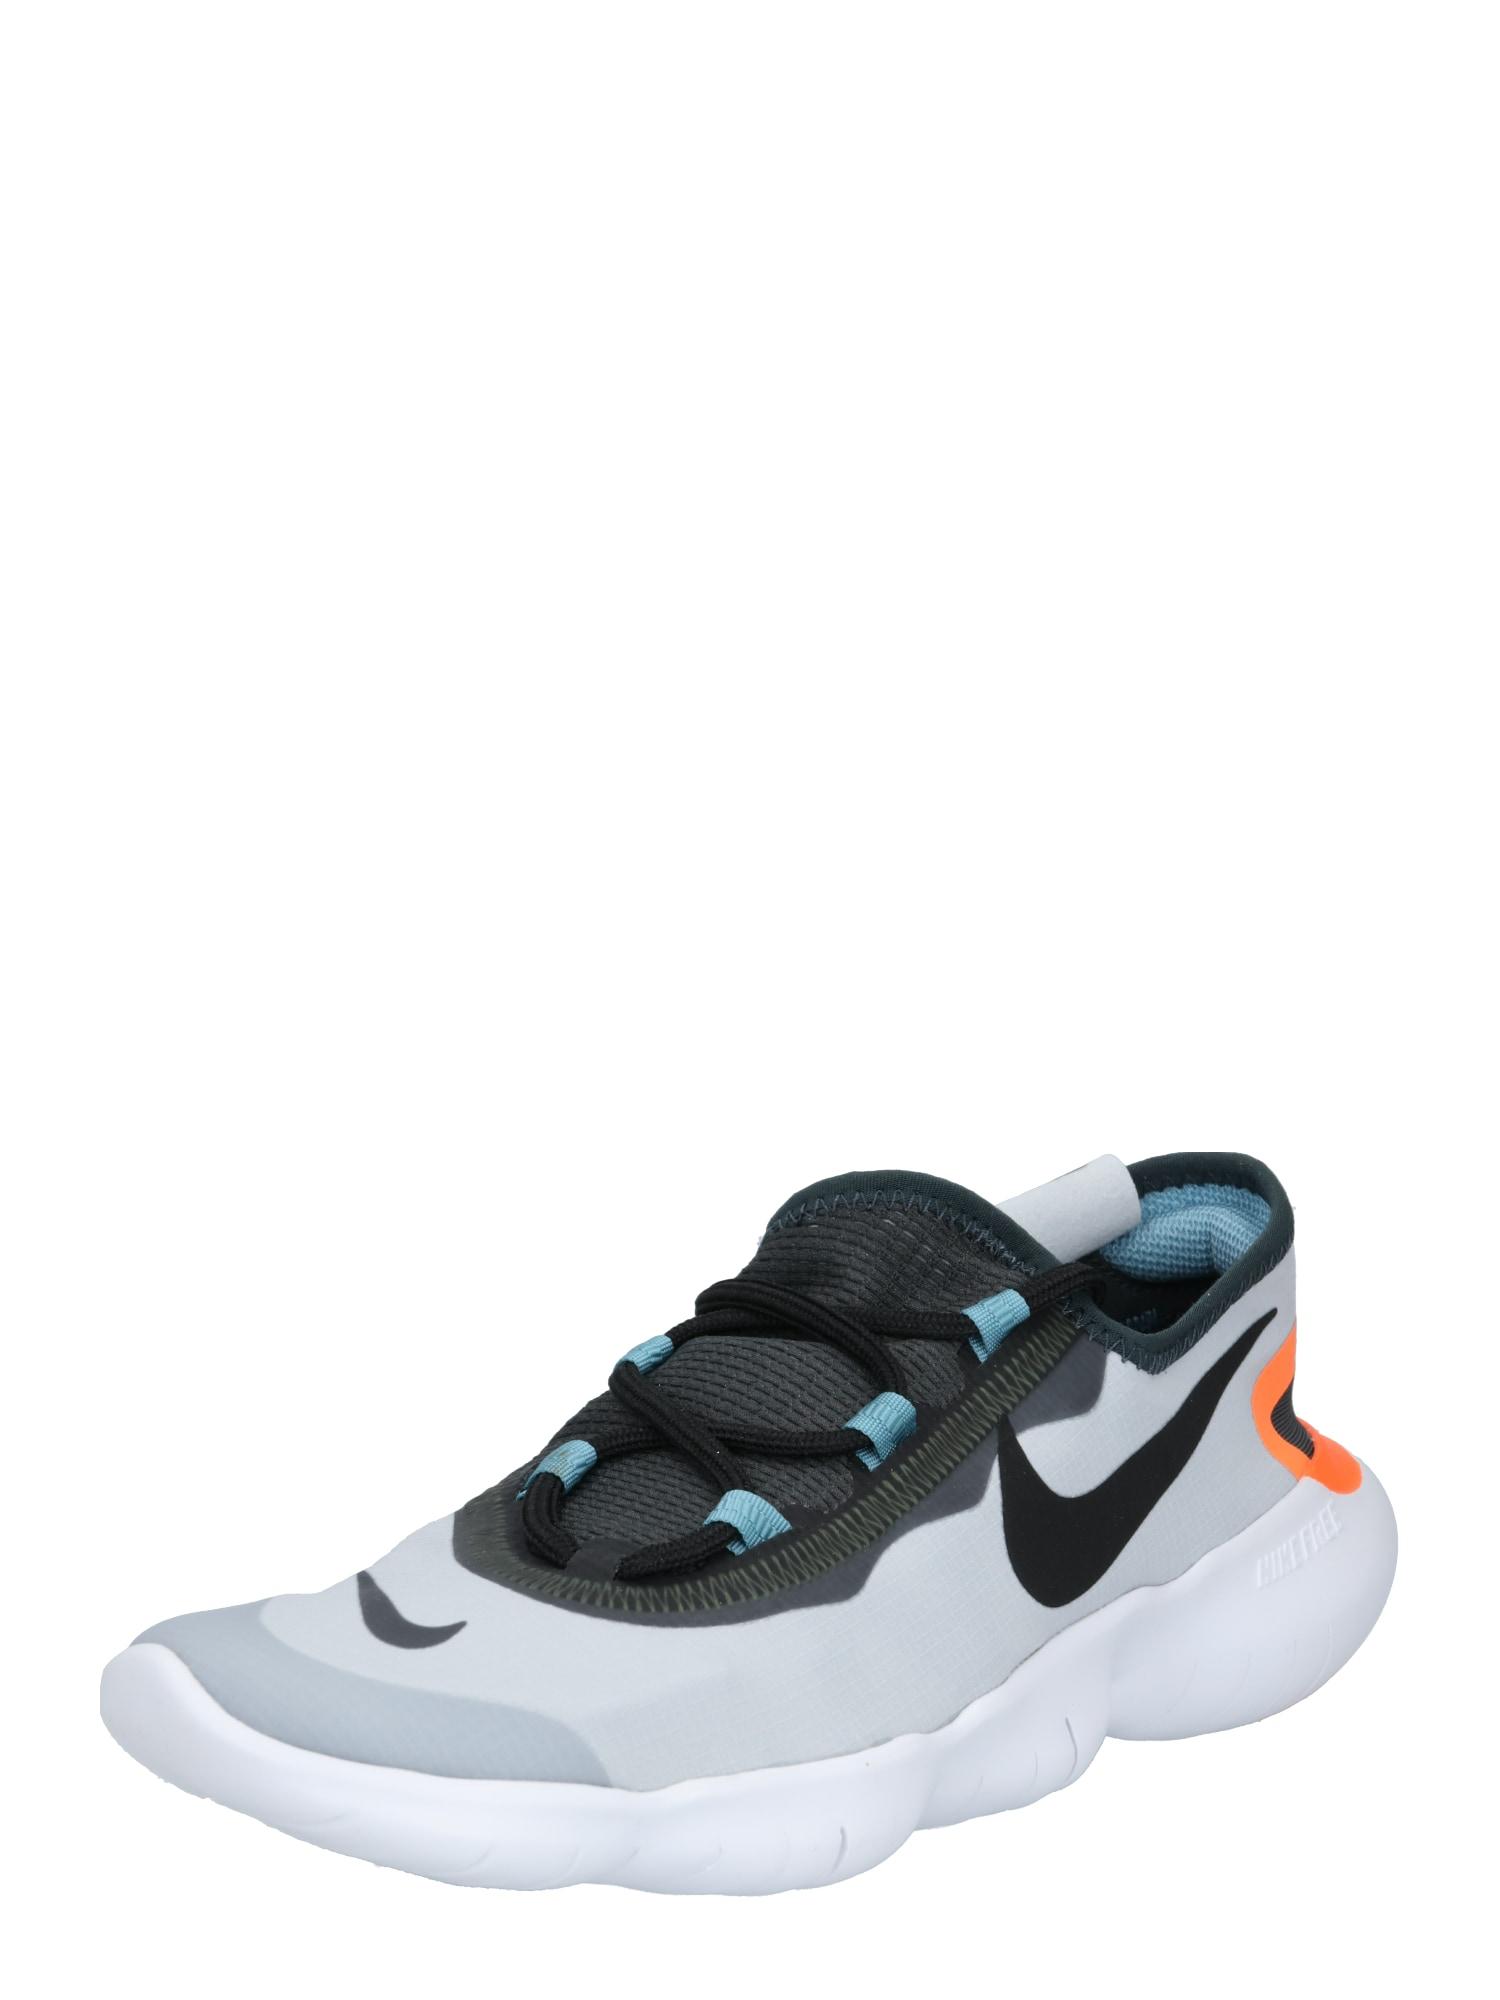 NIKE Běžecká obuv 'Free Run 5.0'  tmavě šedá / mix barev / černá / světle šedá / šedá